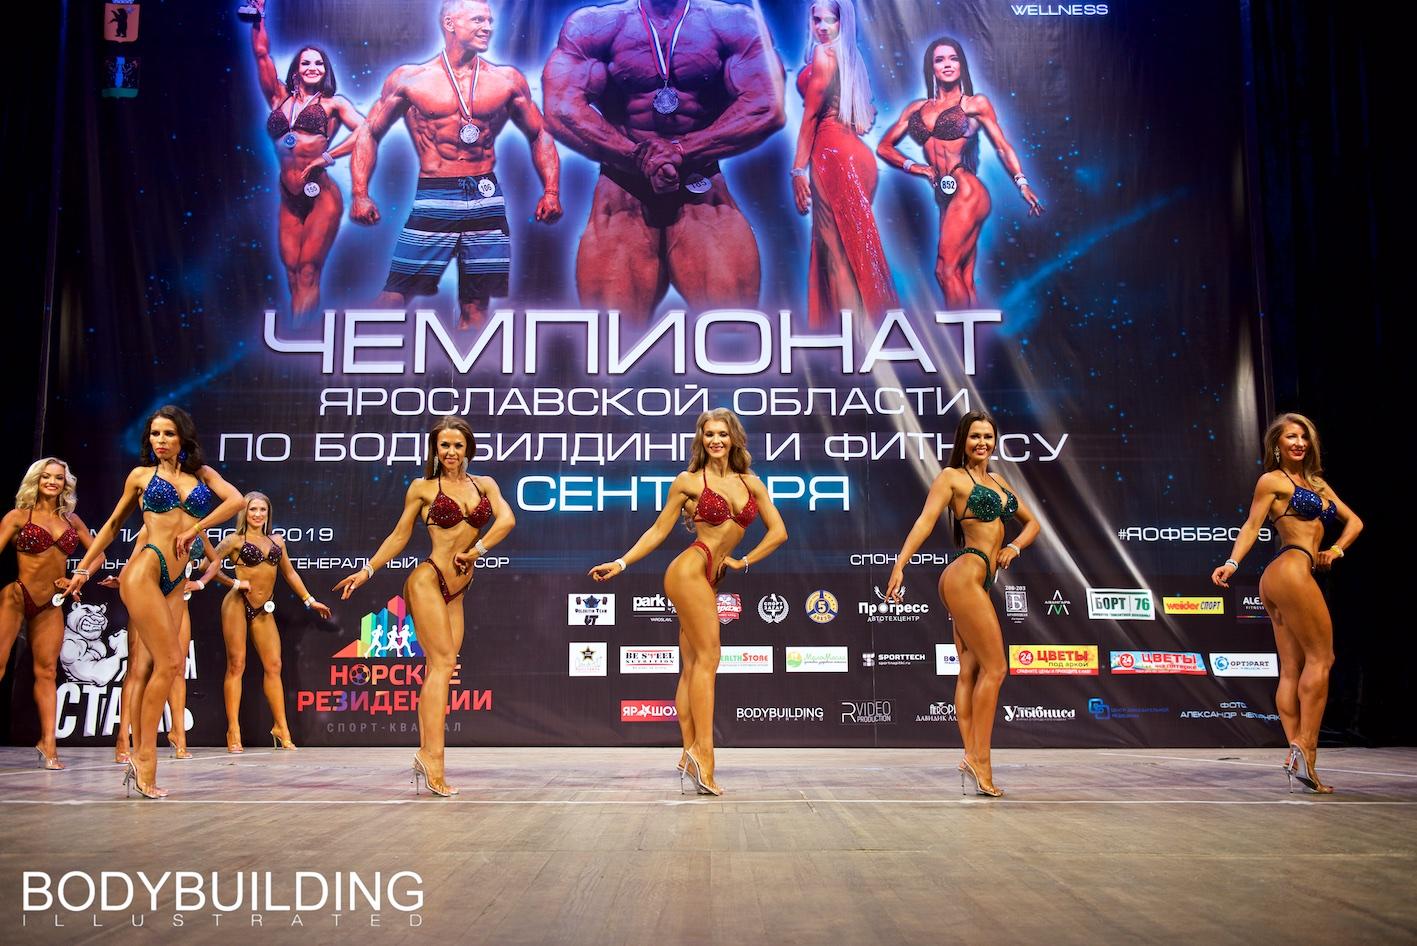 Эксперт по телу. Ярославна рассказала, как добилась высоких результатов на соревнованиях в категории фитнес-бикини